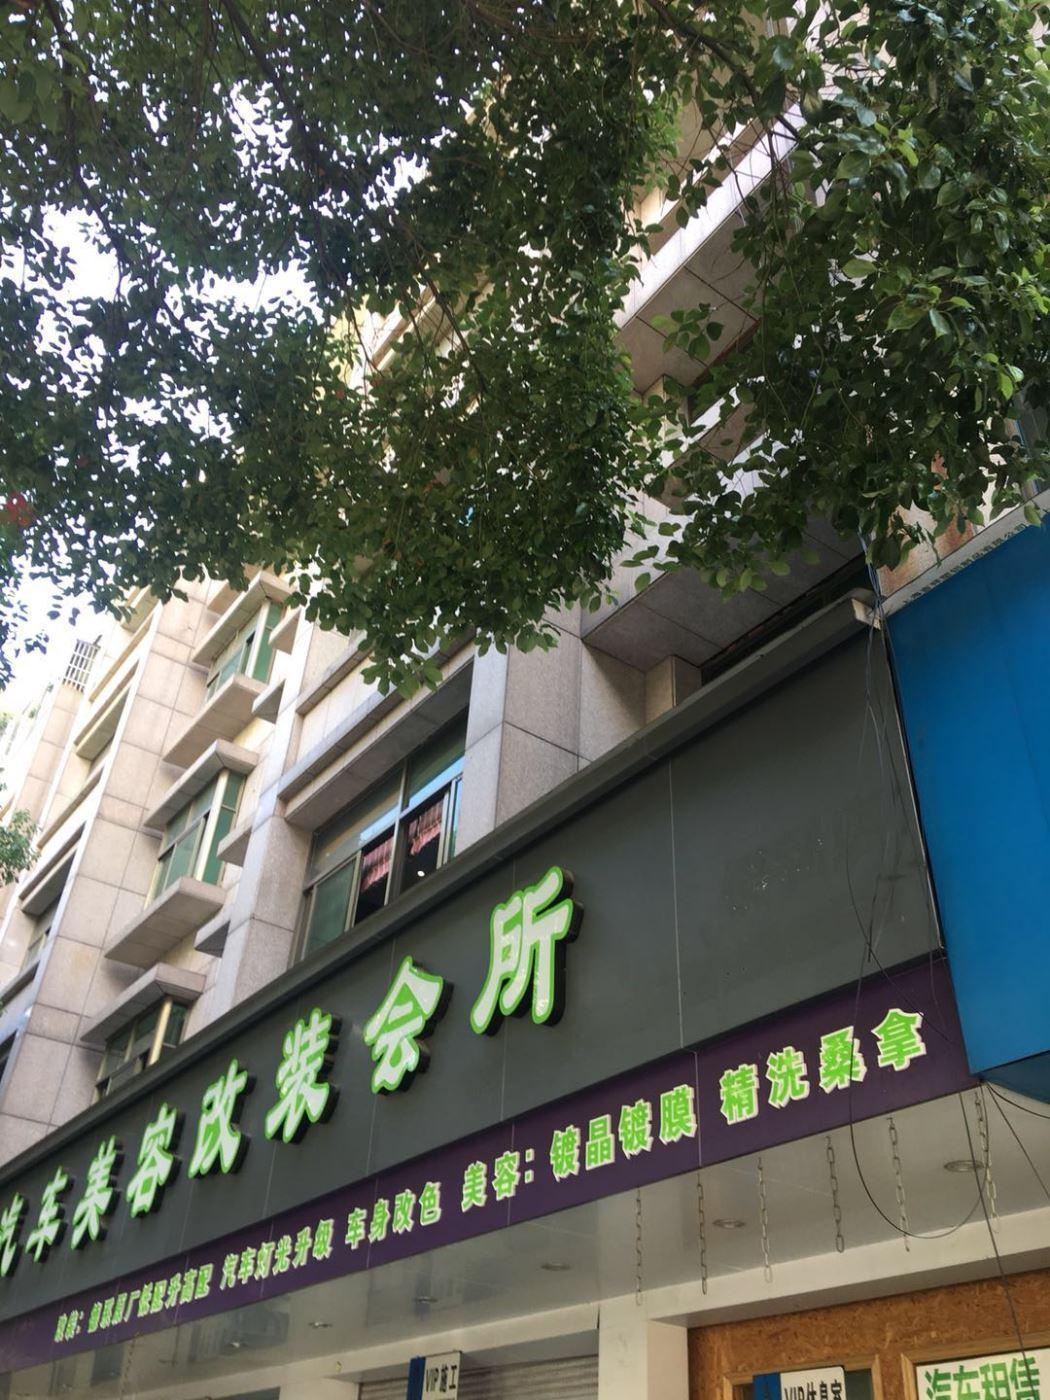 福田一区工人北路占地4间垂直房 年租65万 已出让满二 秒杀